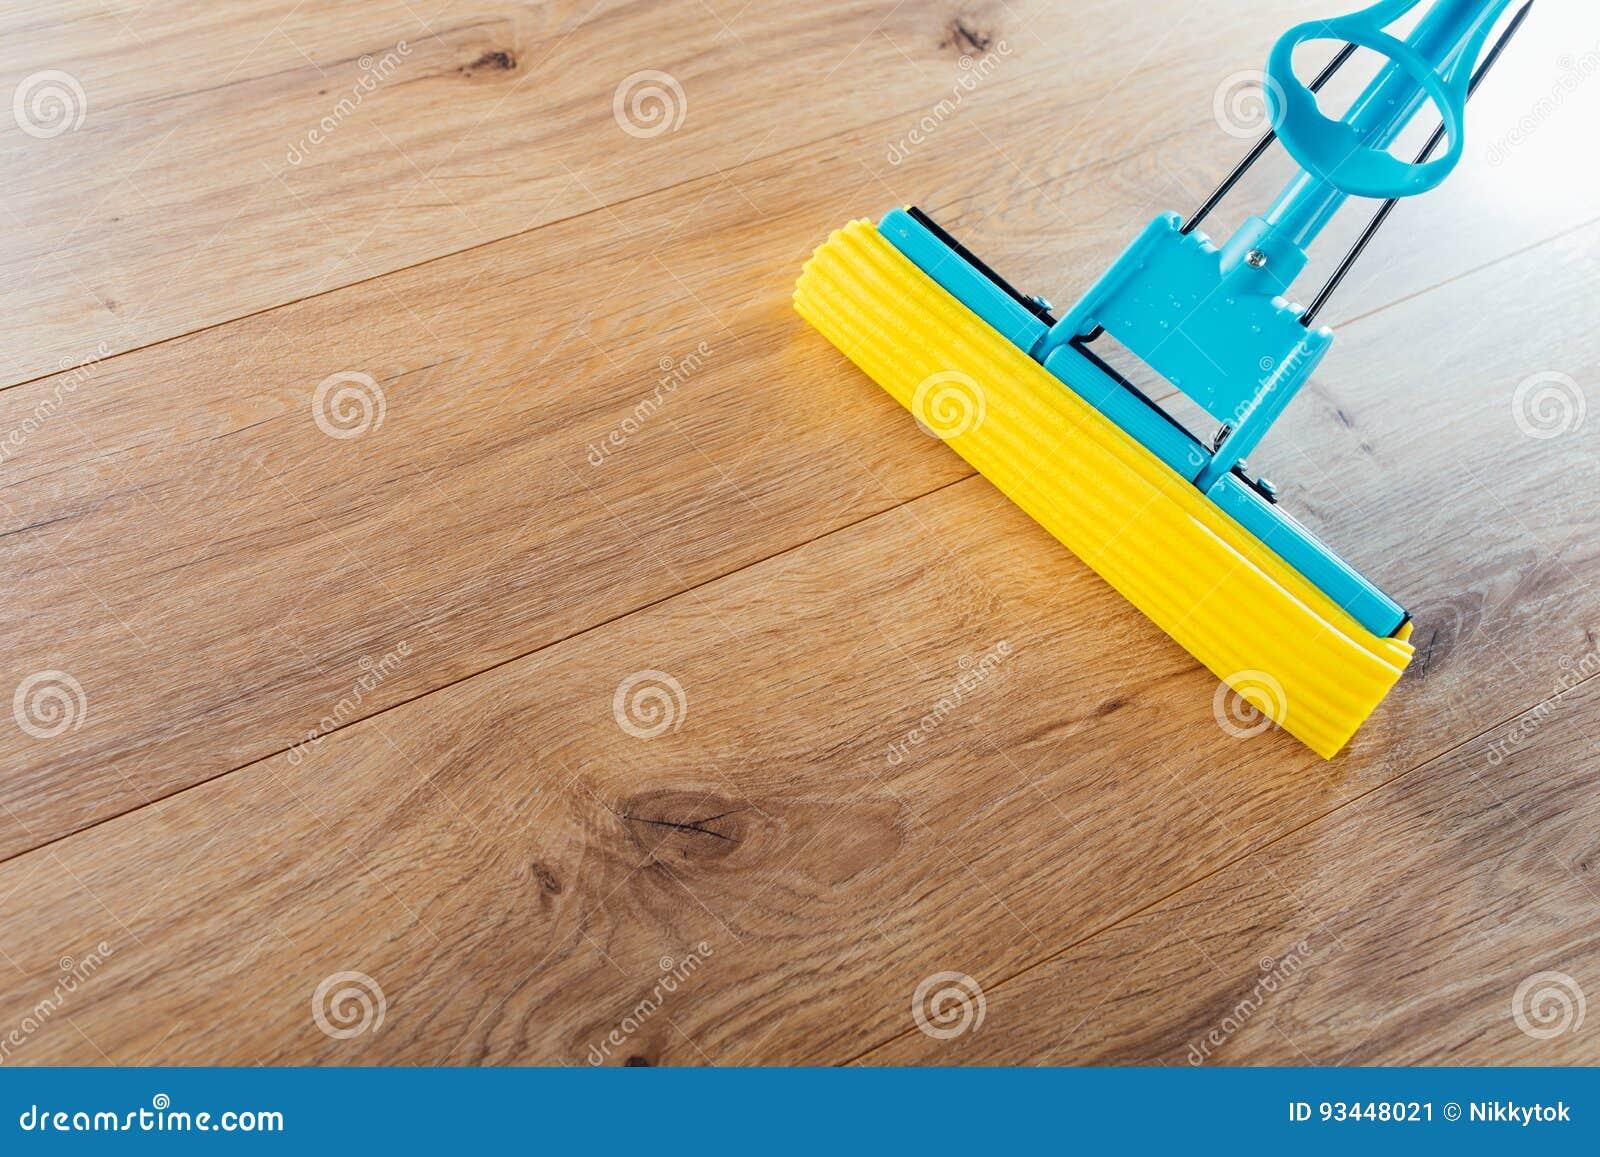 Houten vloer reinigen met stoom met een stoomzuiger kan dat